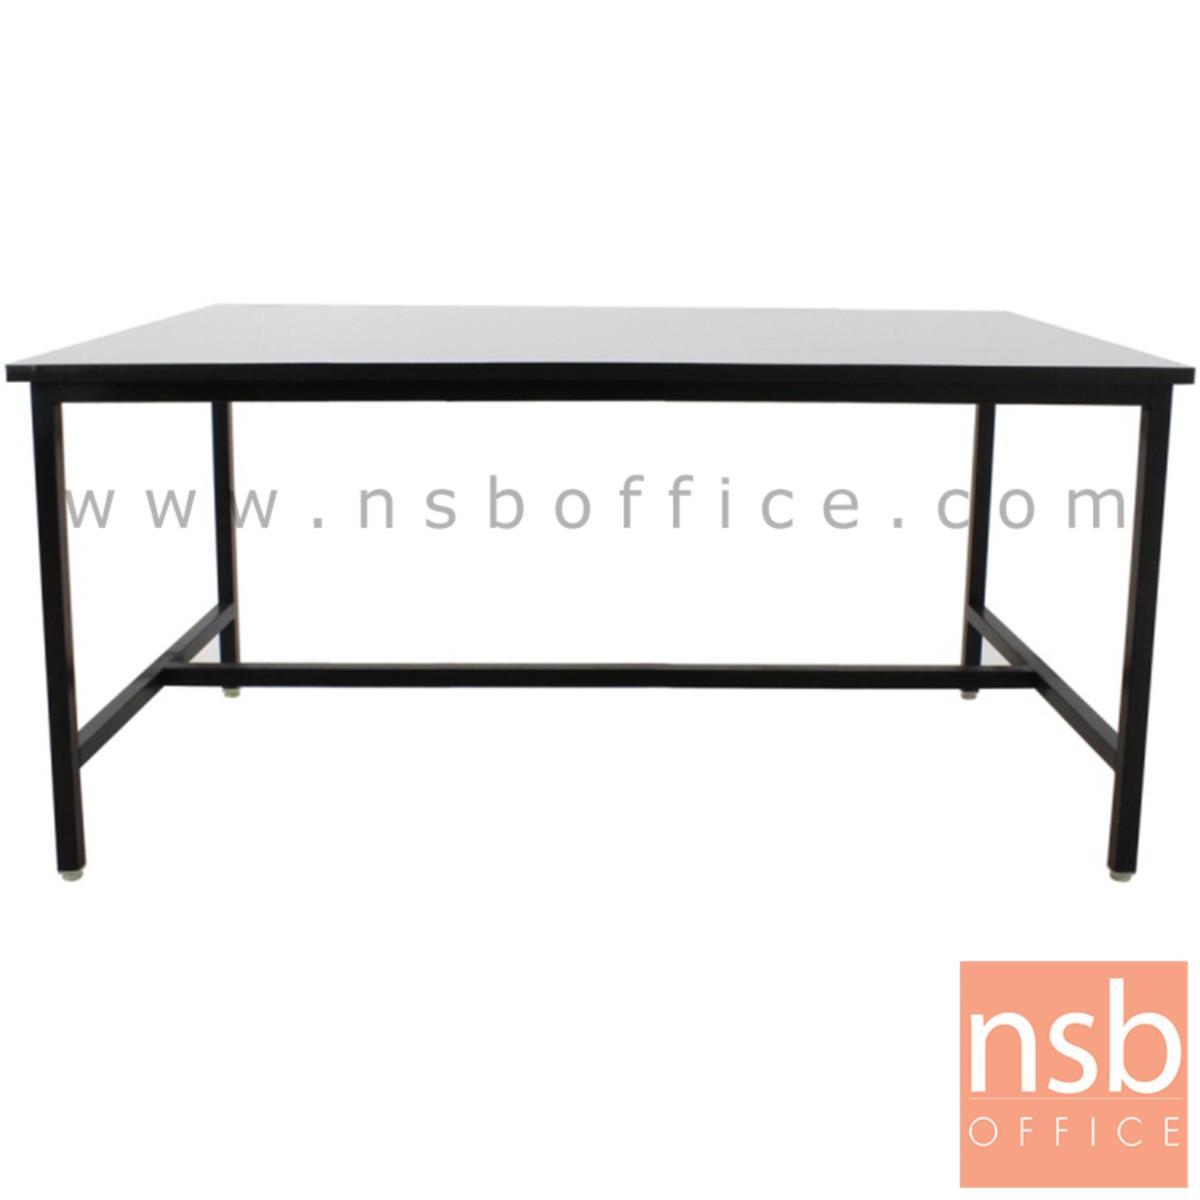 โต๊ะหน้าโฟเมก้าขาว  รุ่น MECKLENBURG (เมคเคลนบวร์ก) ขนาด 150W cm. โครงขาเหล็กติดตาย